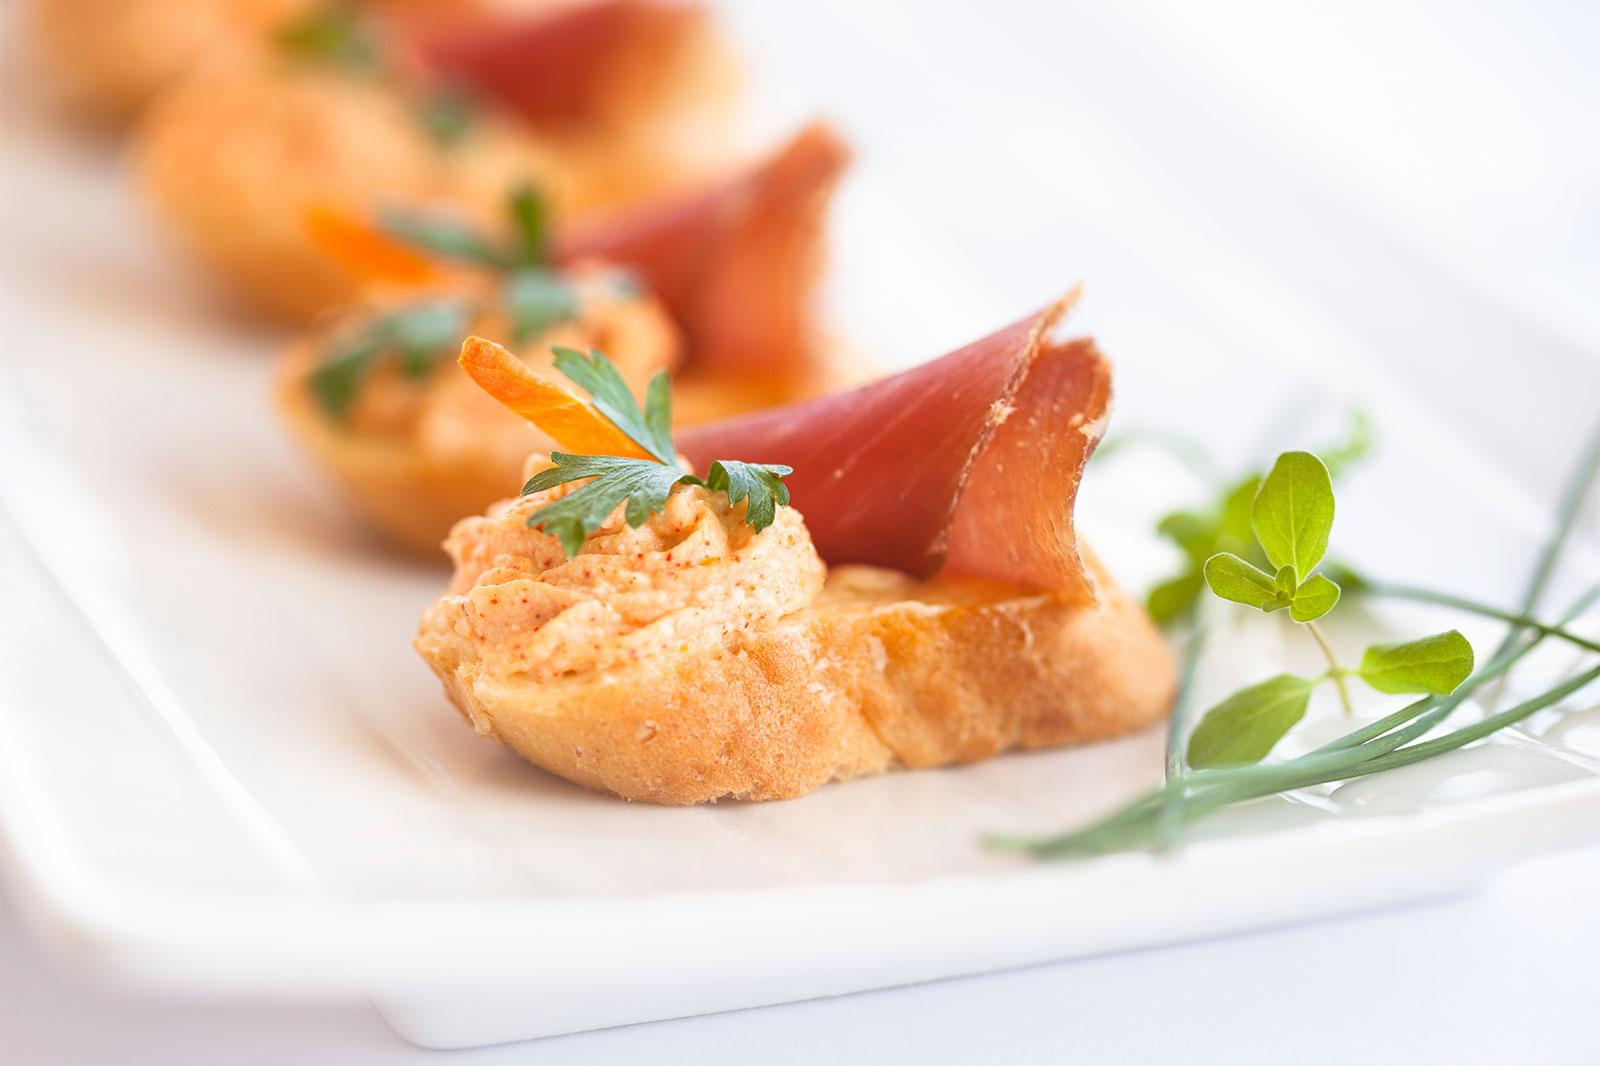 Tafelspitz & Tischkultur - Genuss, Freude, Catering